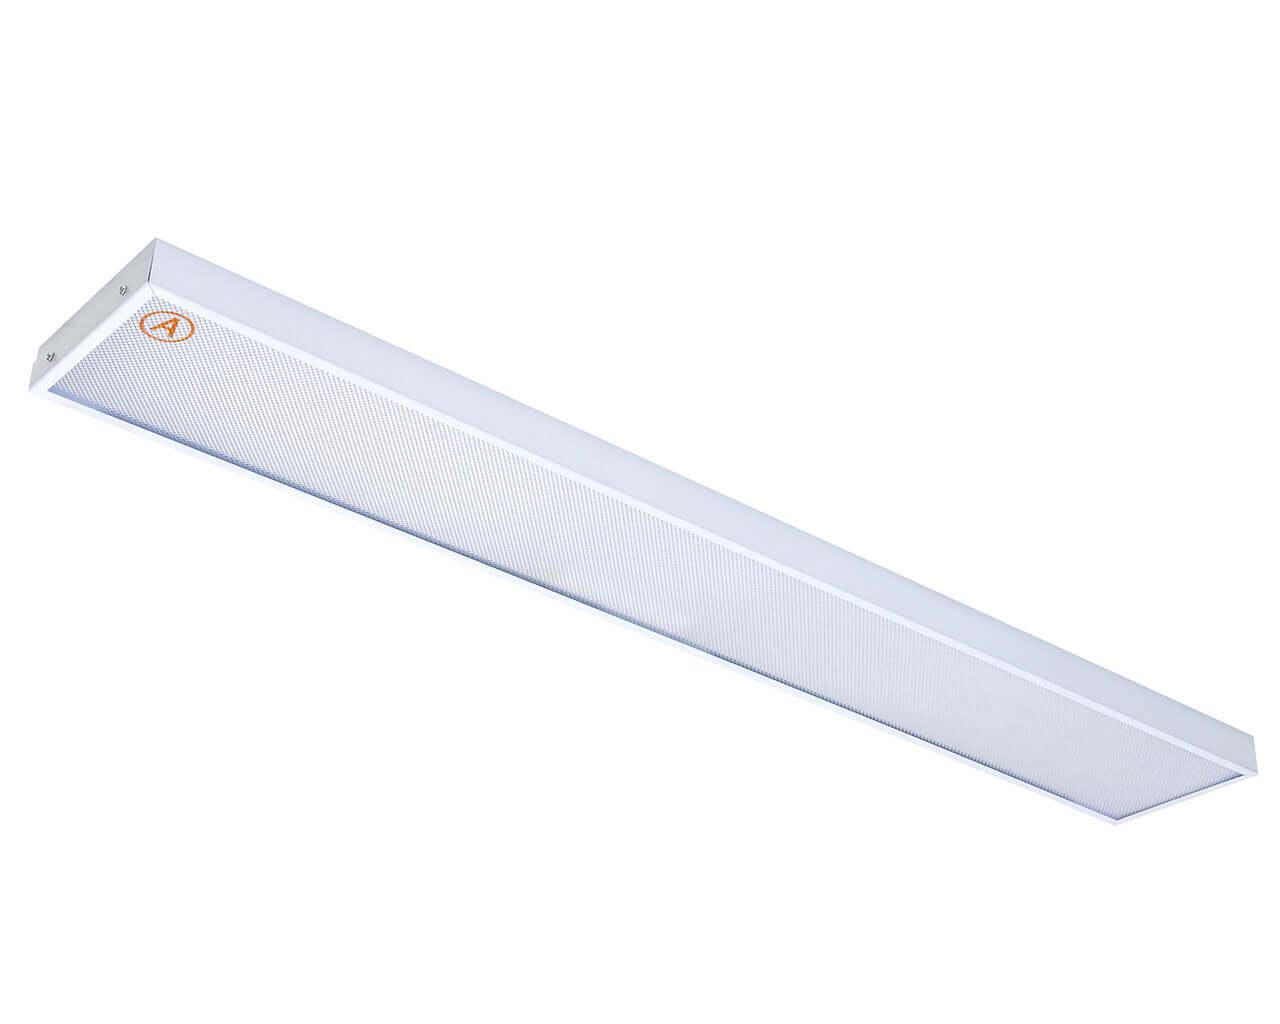 Накладной светильник LC-NS-40 ватт 1195x180 Теплый белый Призма с Бап-3 часа